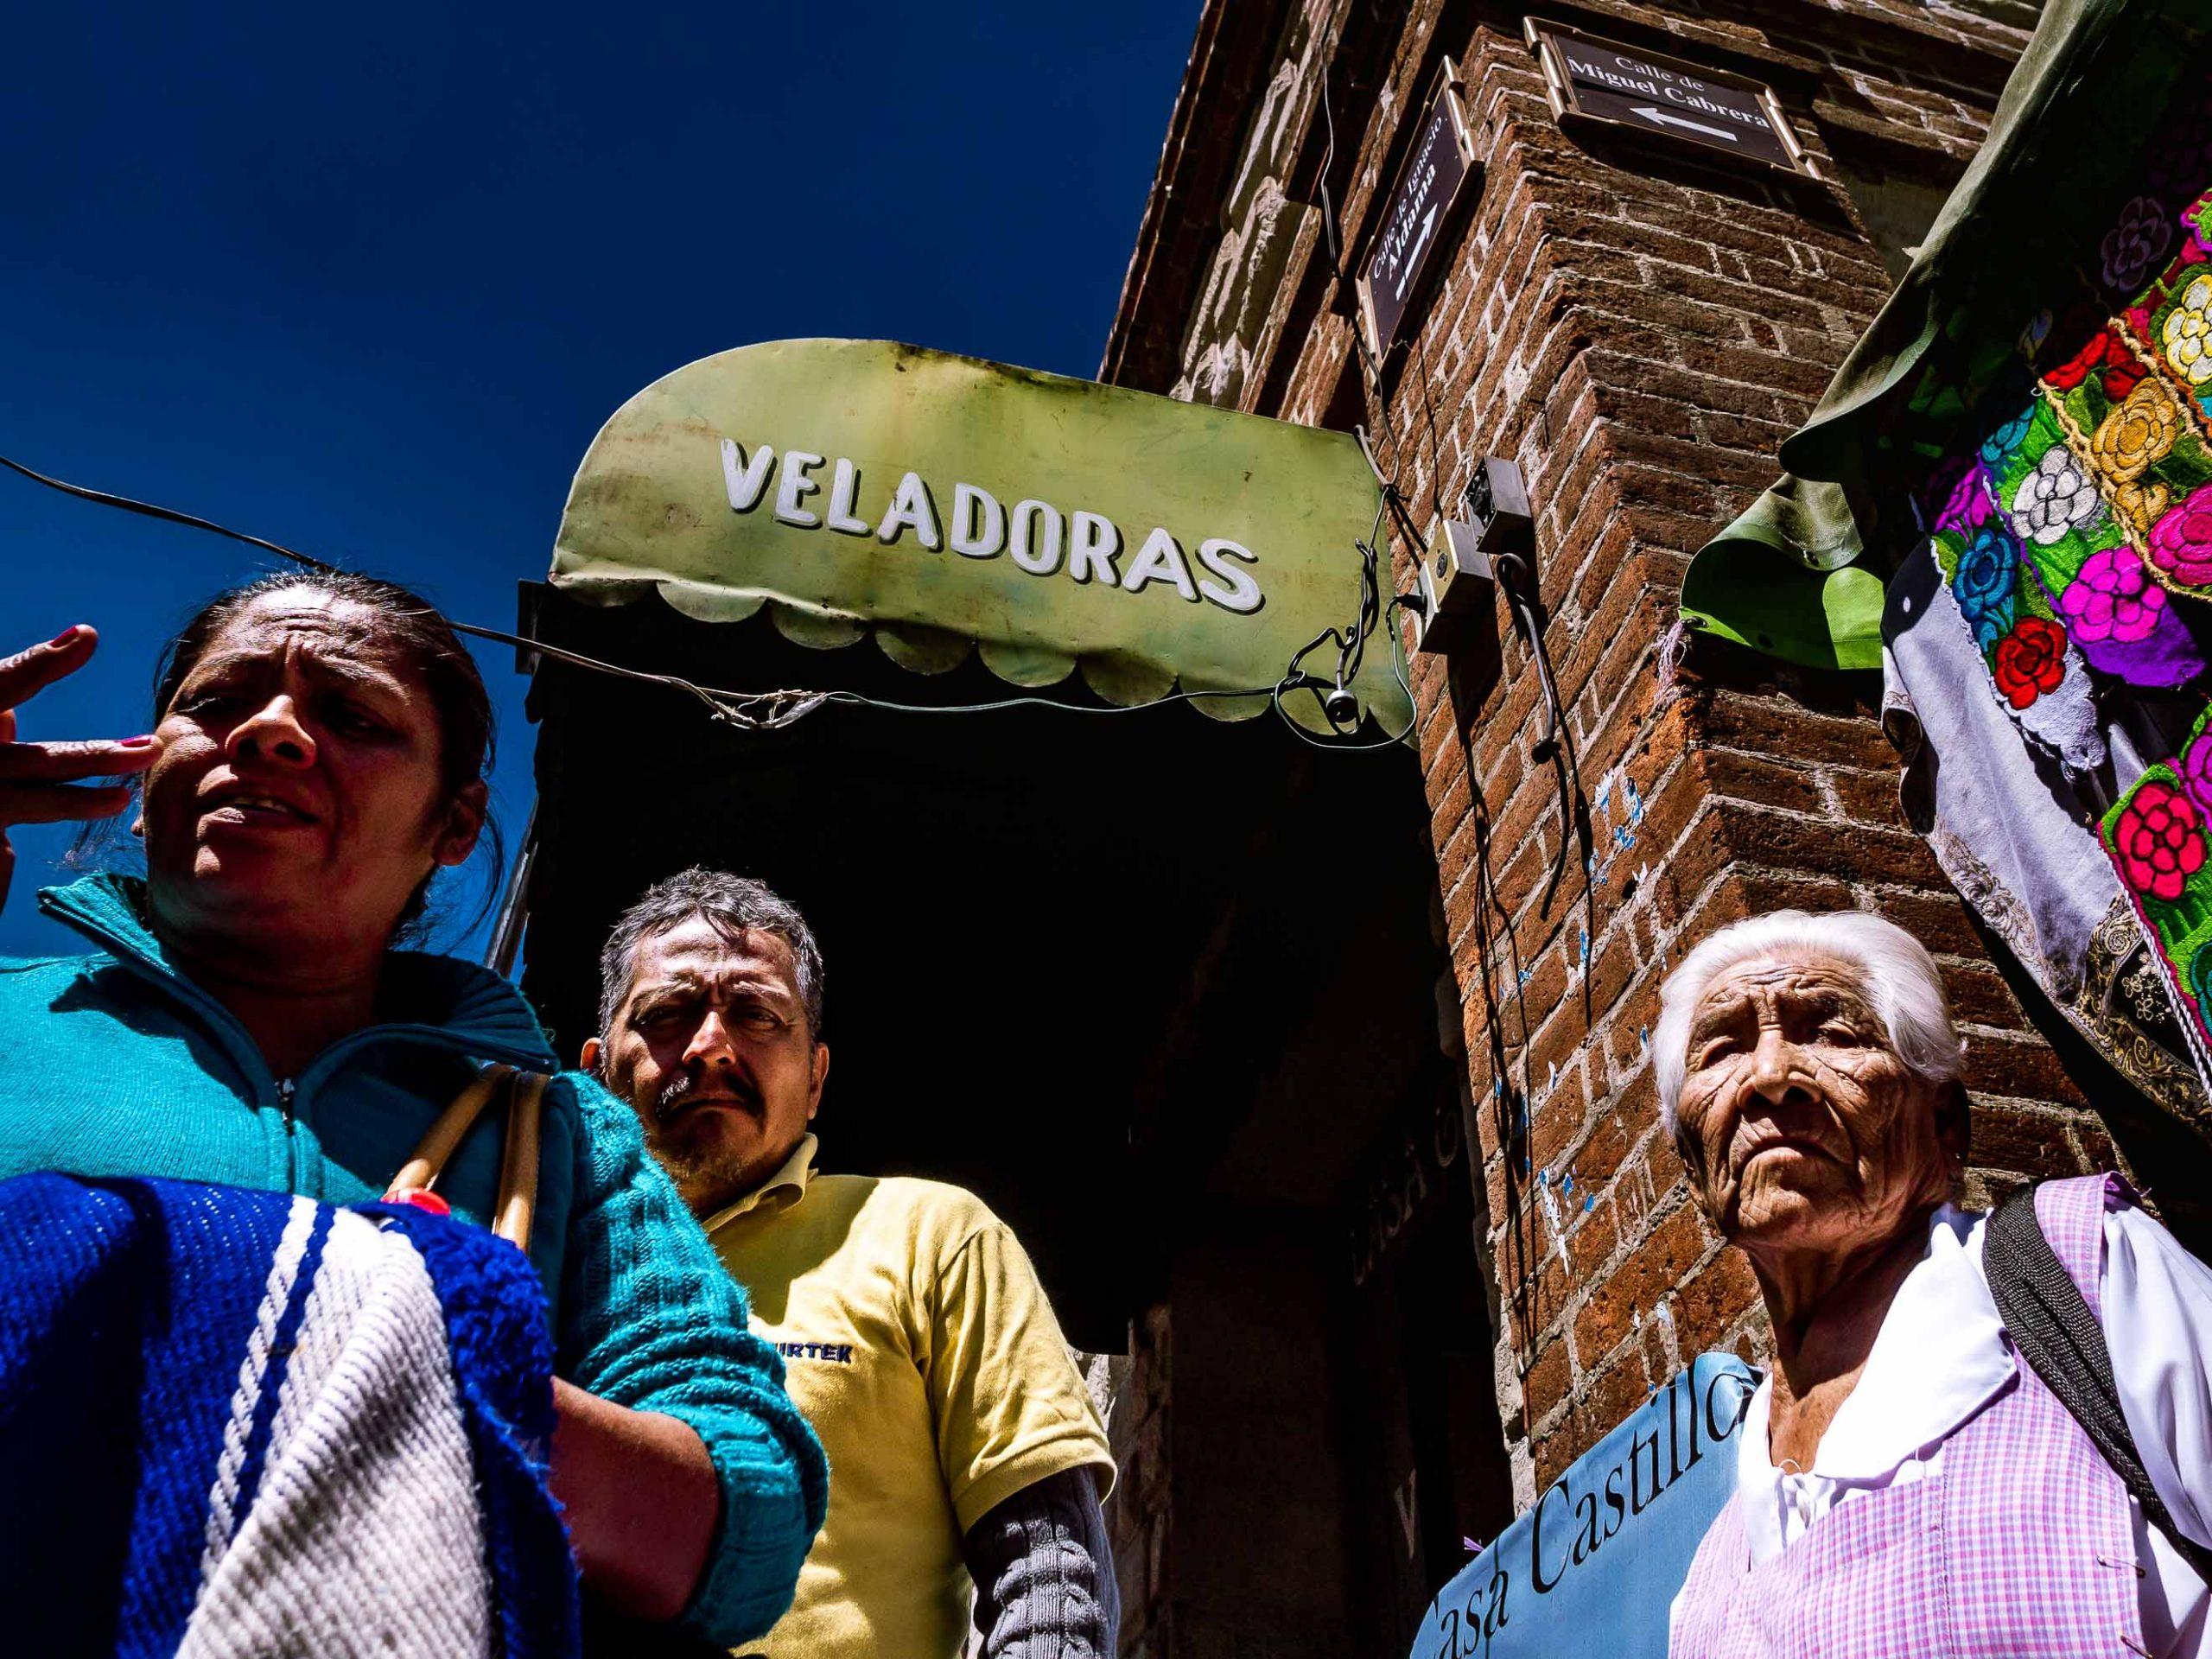 Gruppe von Menschen an einer Straßenecke in Oaxaca, Mexiko